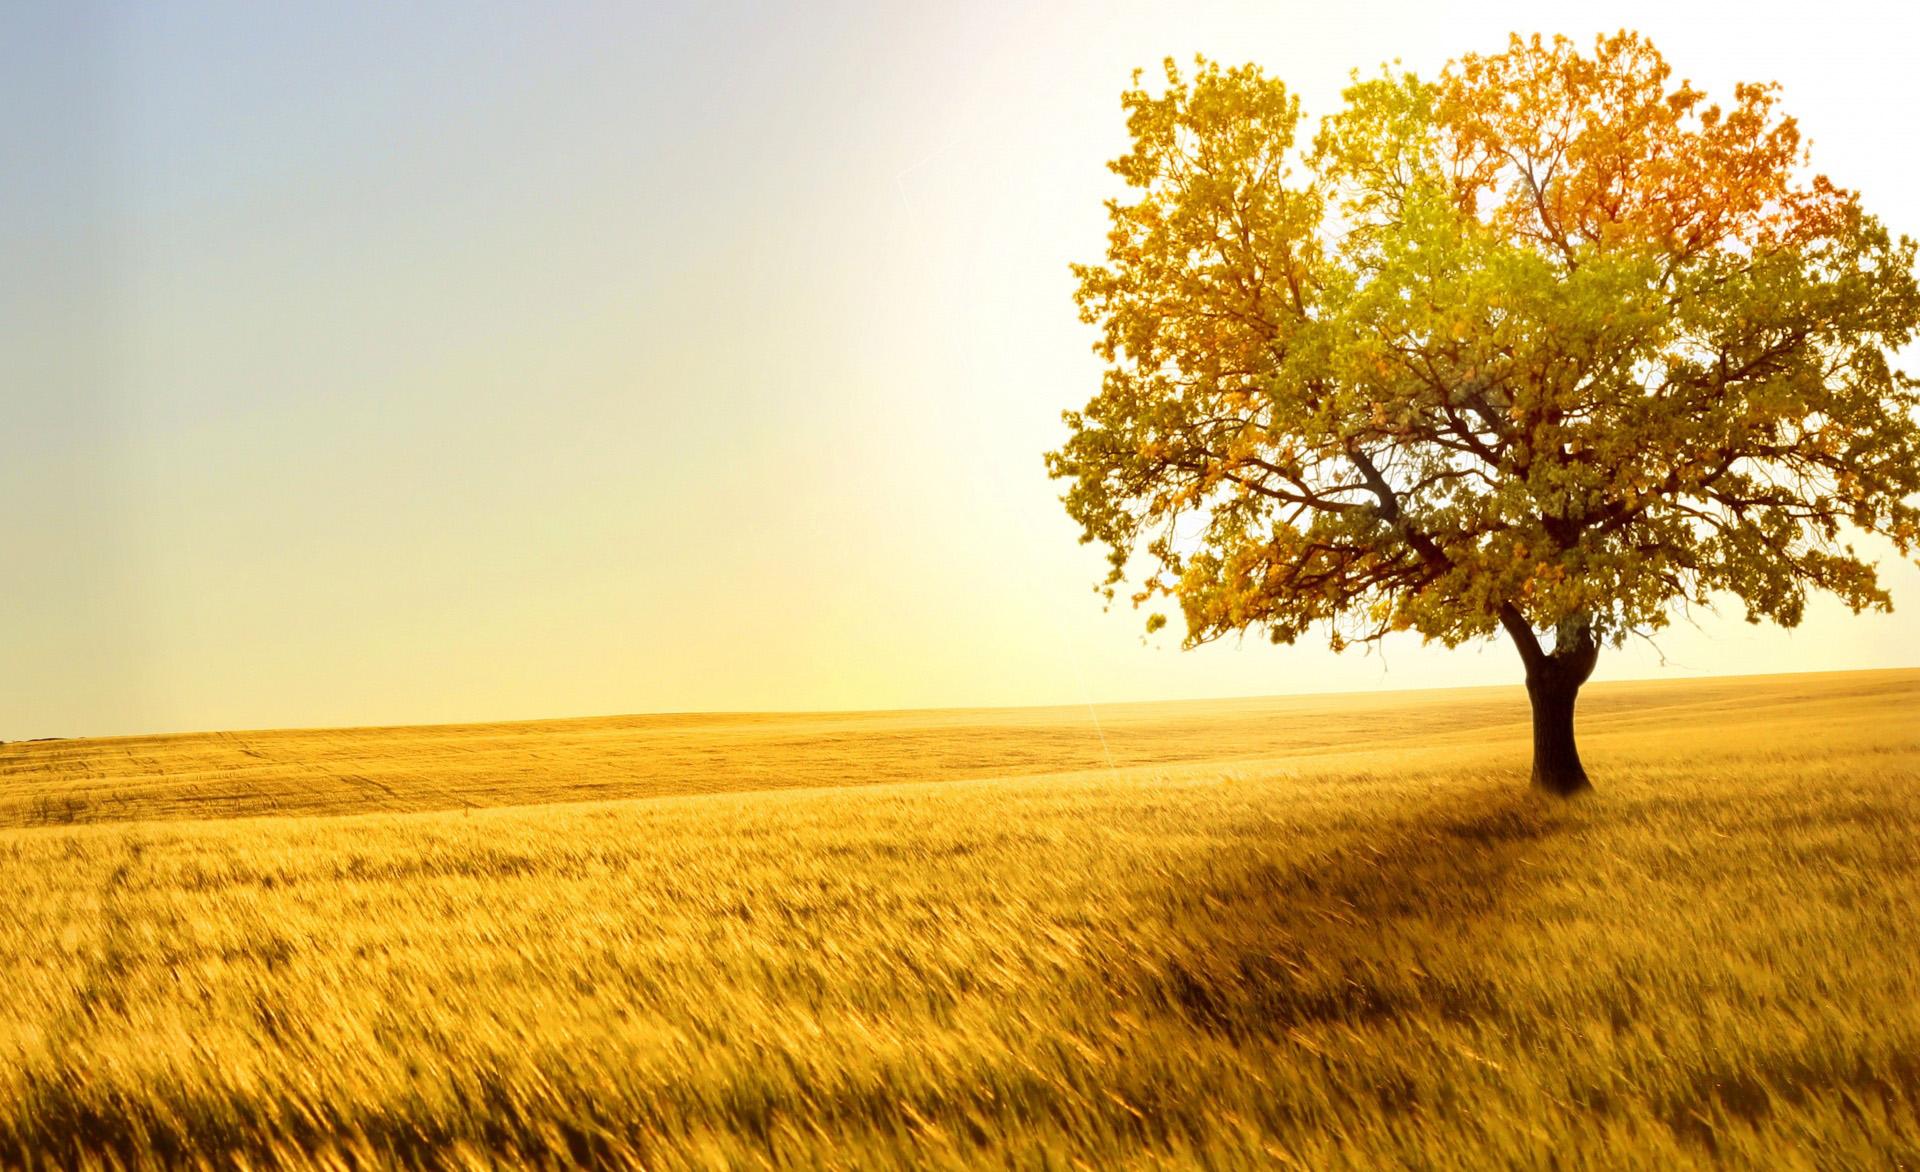 Images Of Fall Season Wallpaper Field Wallpapers Hd Pixelstalk Net